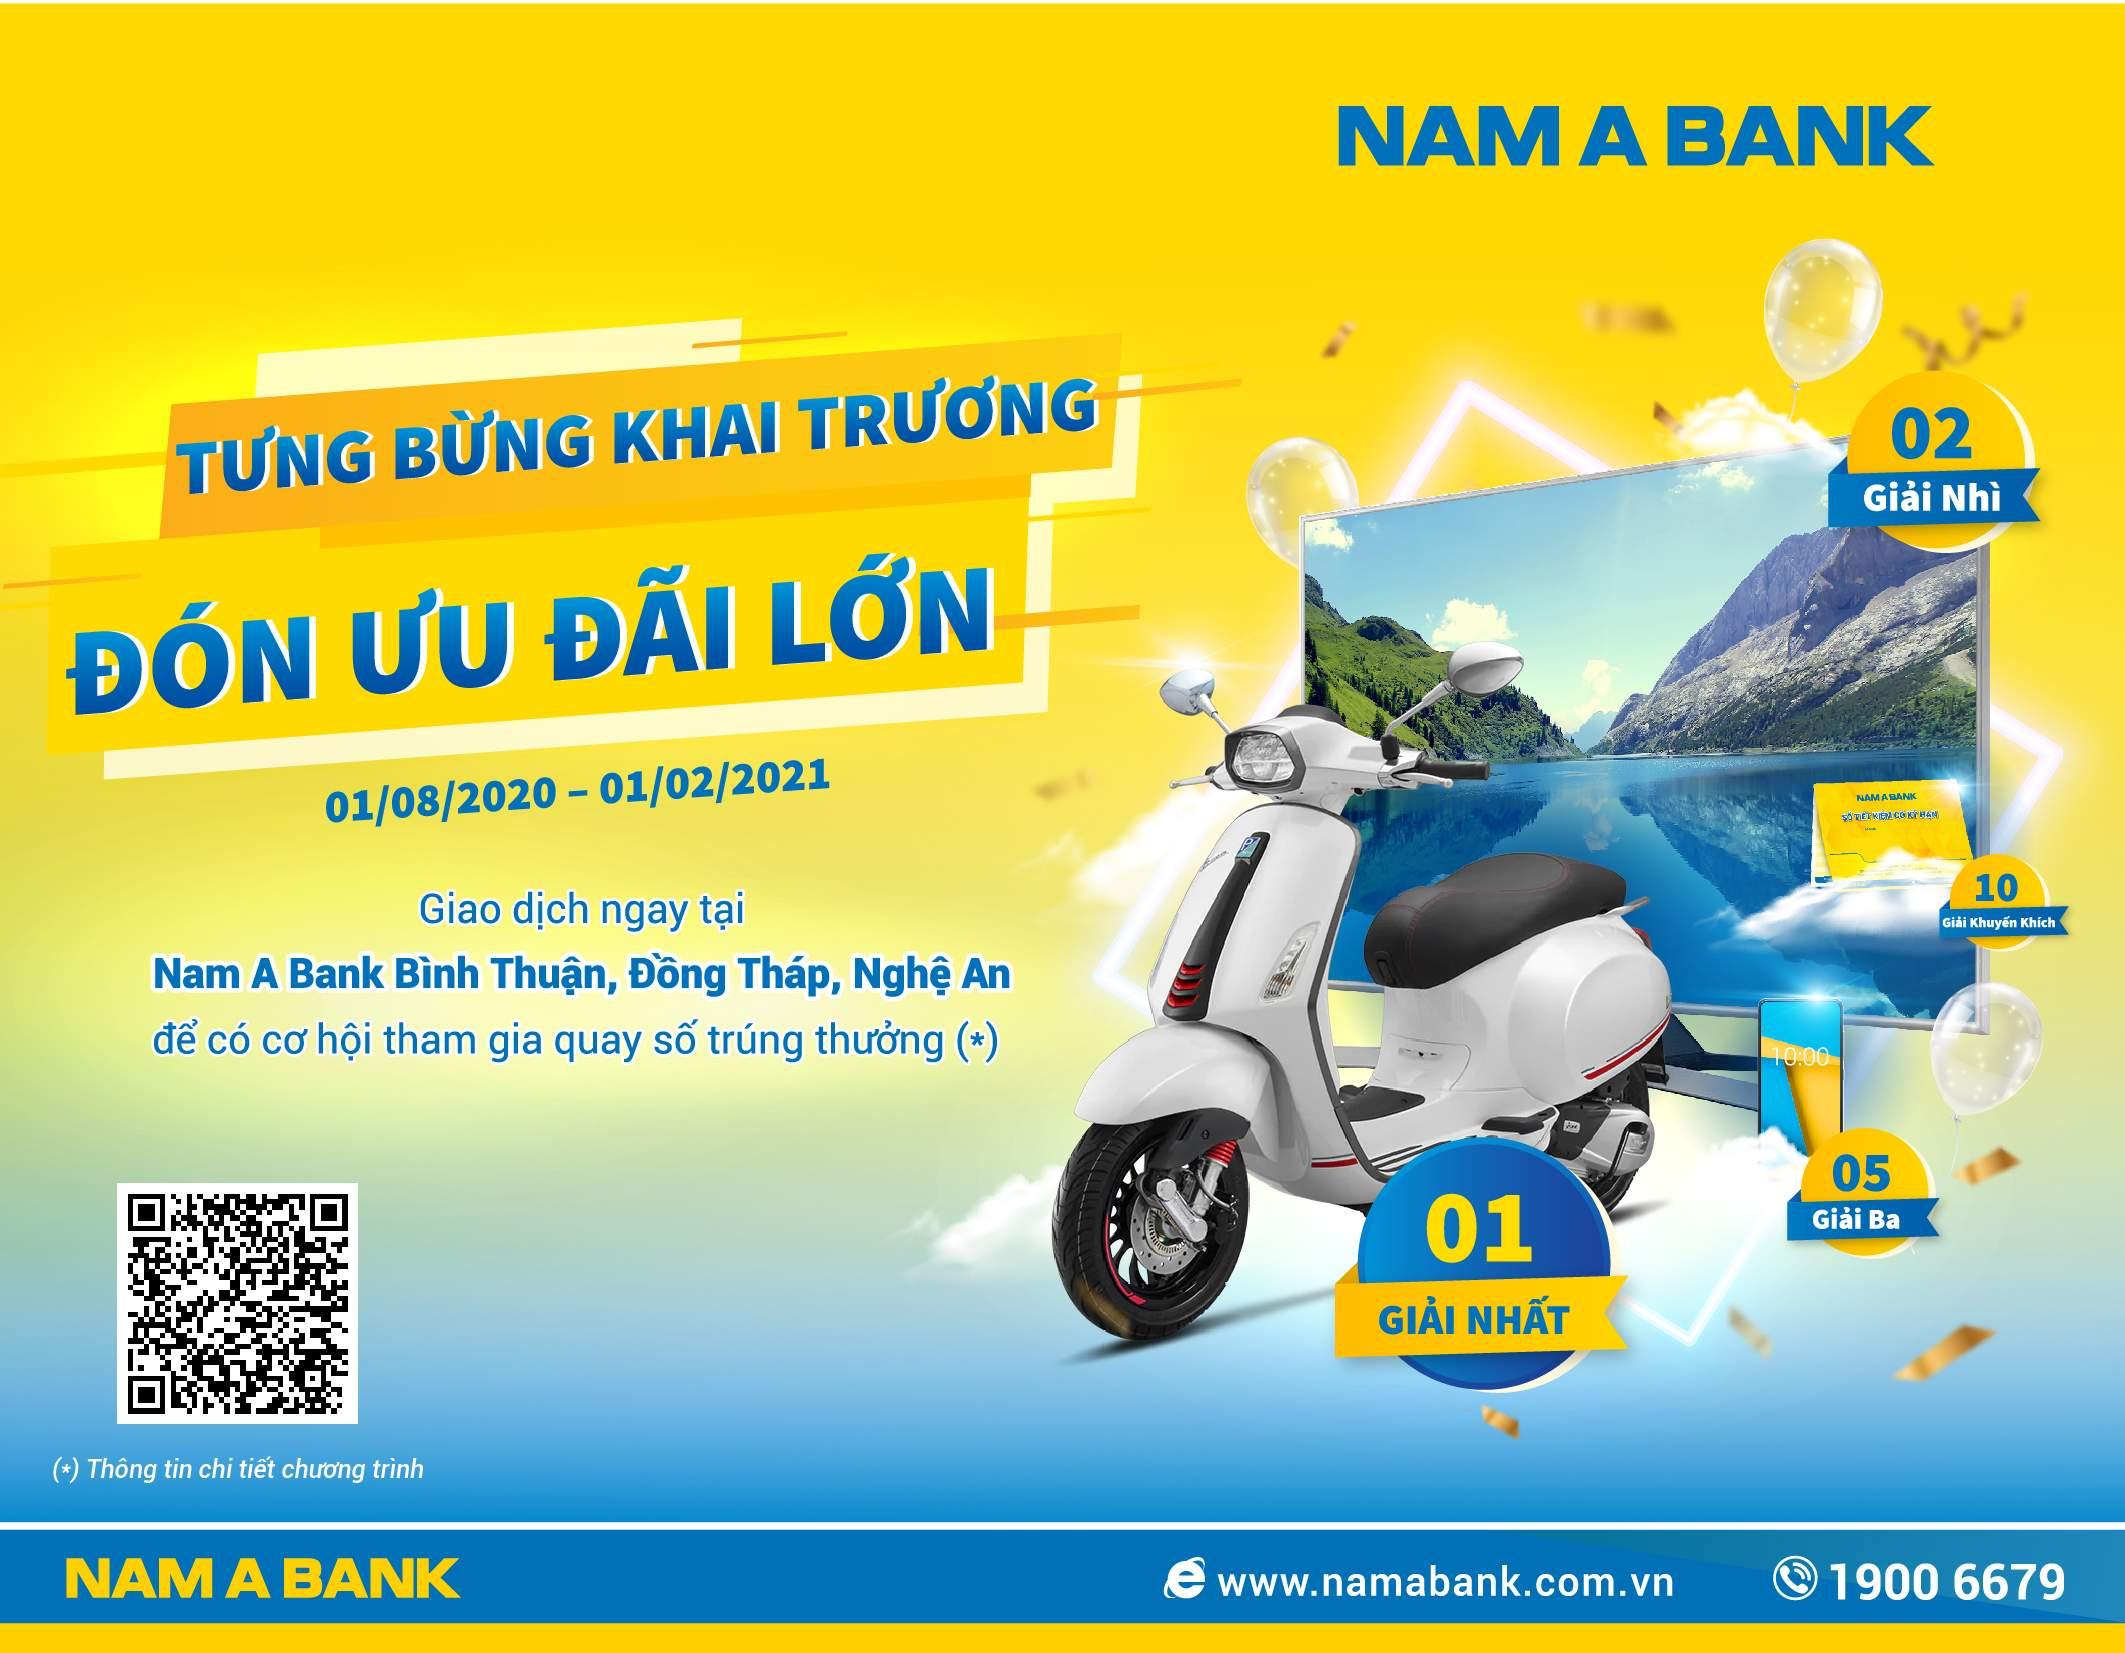 Chương trình Tưng bừng khai trương với quà tặng hấp dẫn từ Nam A Bank